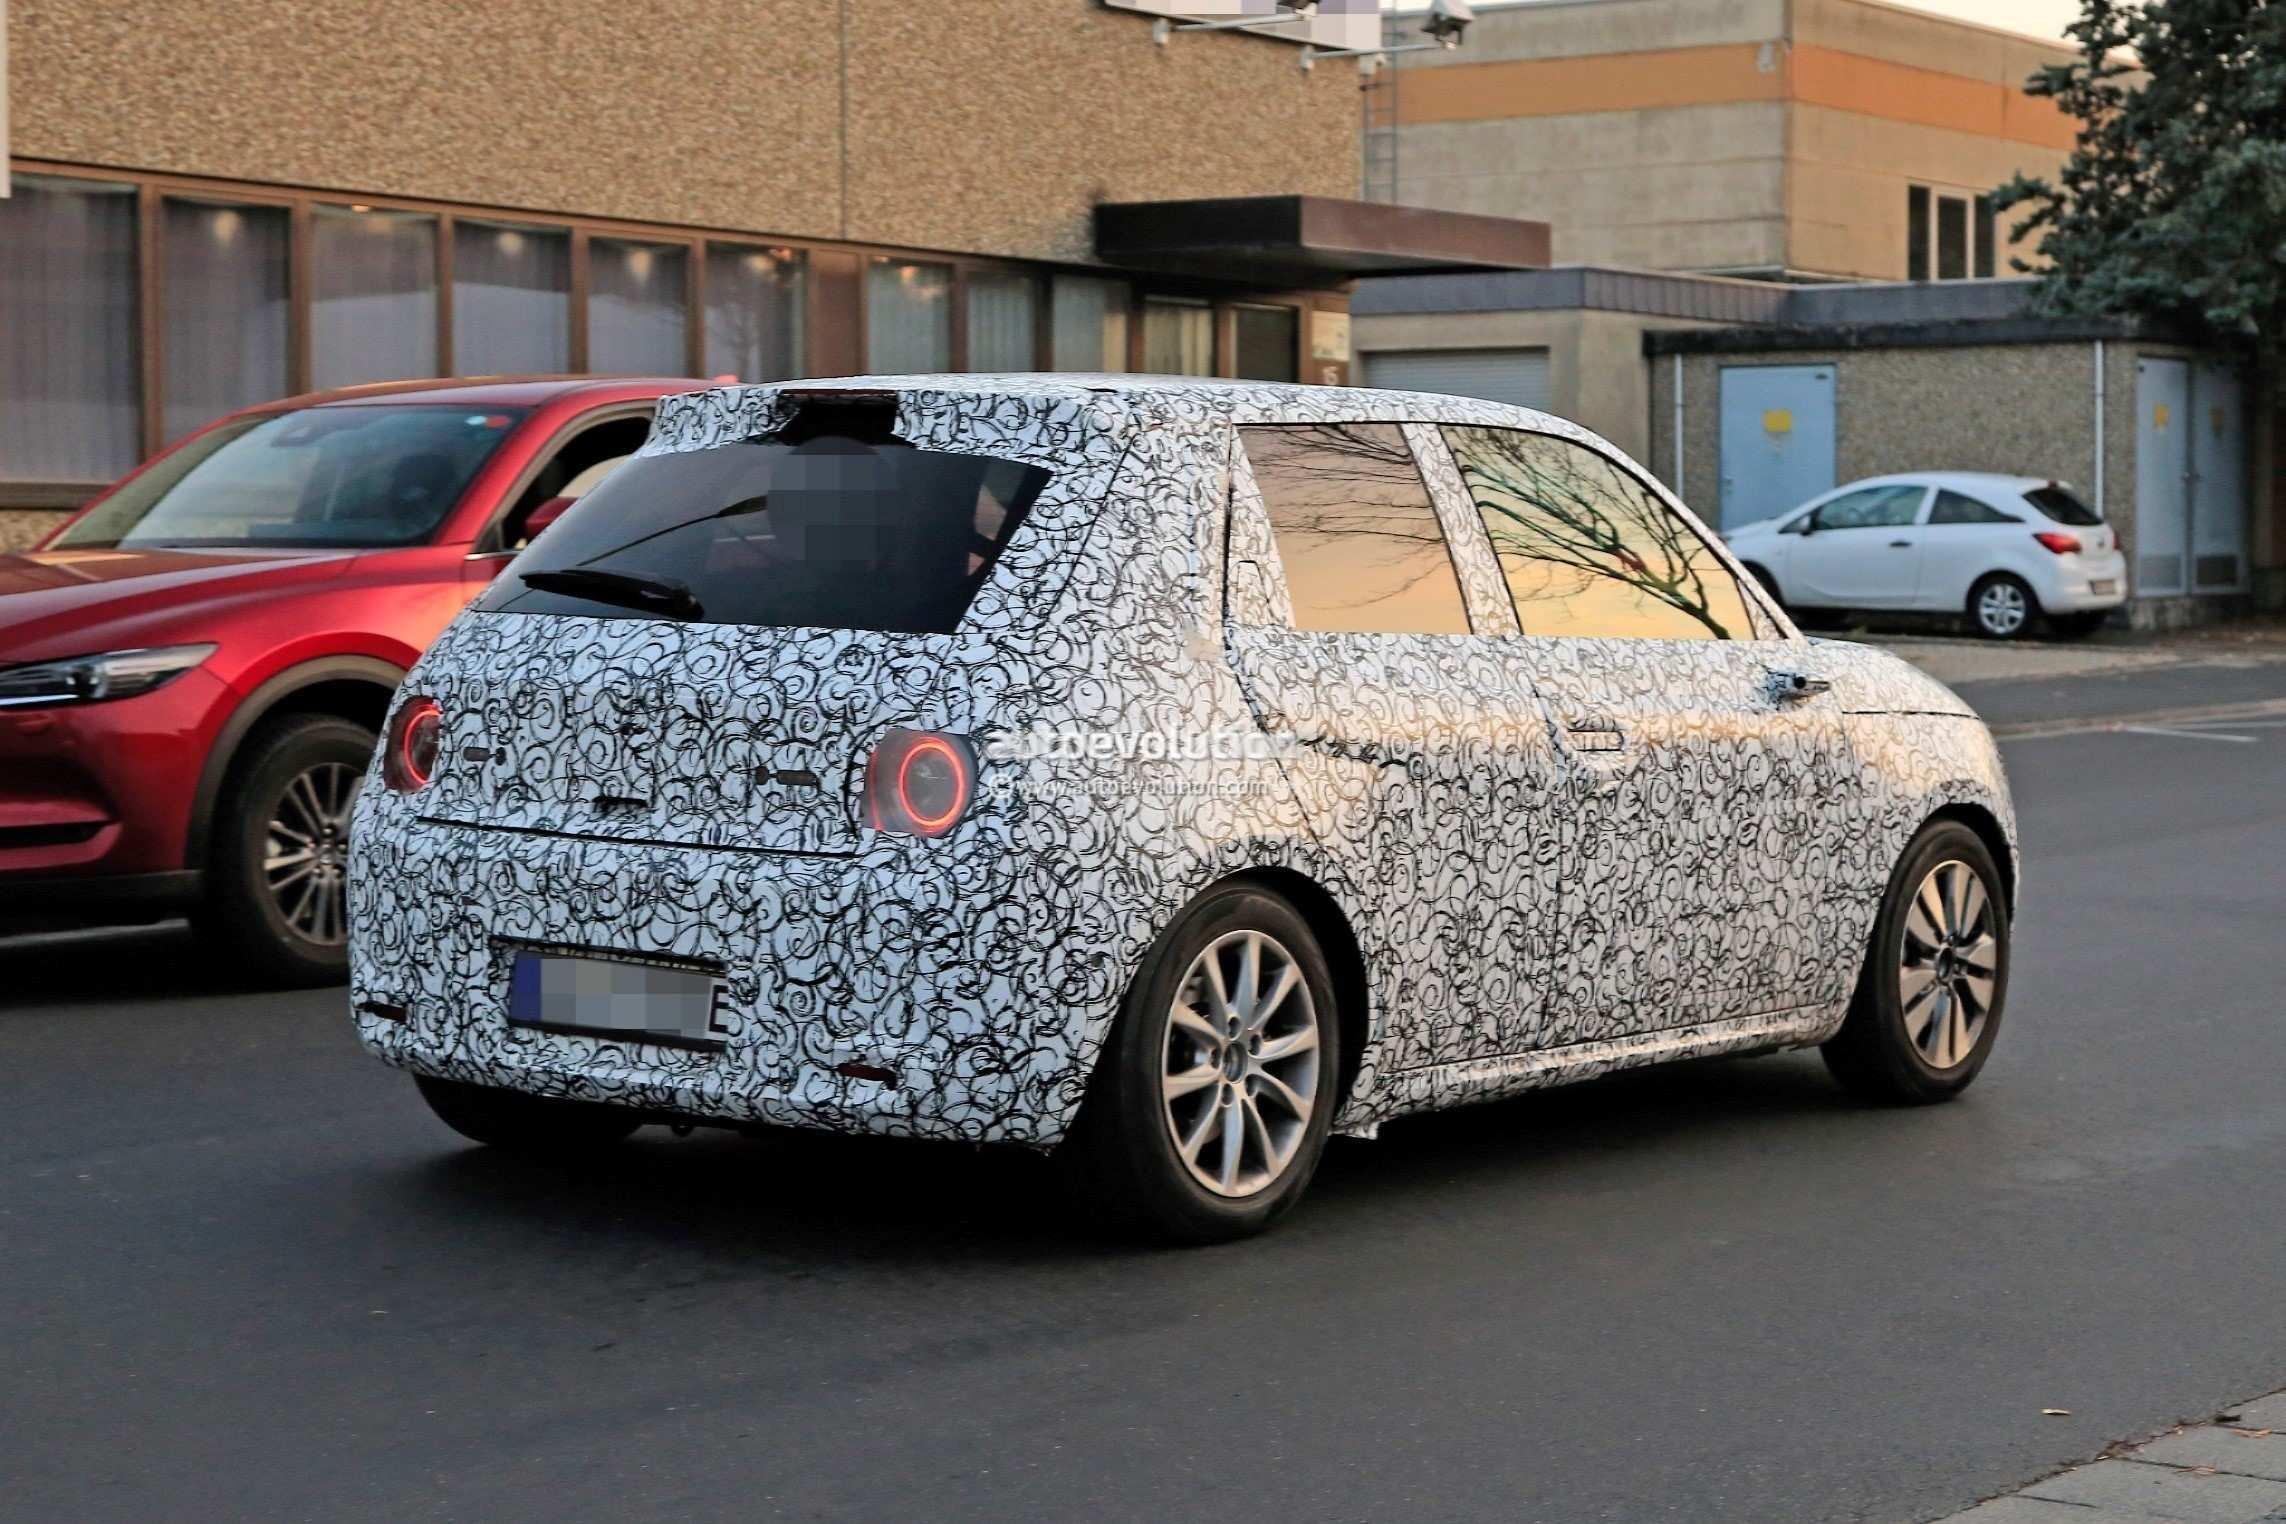 50 Great Honda Ev 2020 Redesign and Concept for Honda Ev 2020